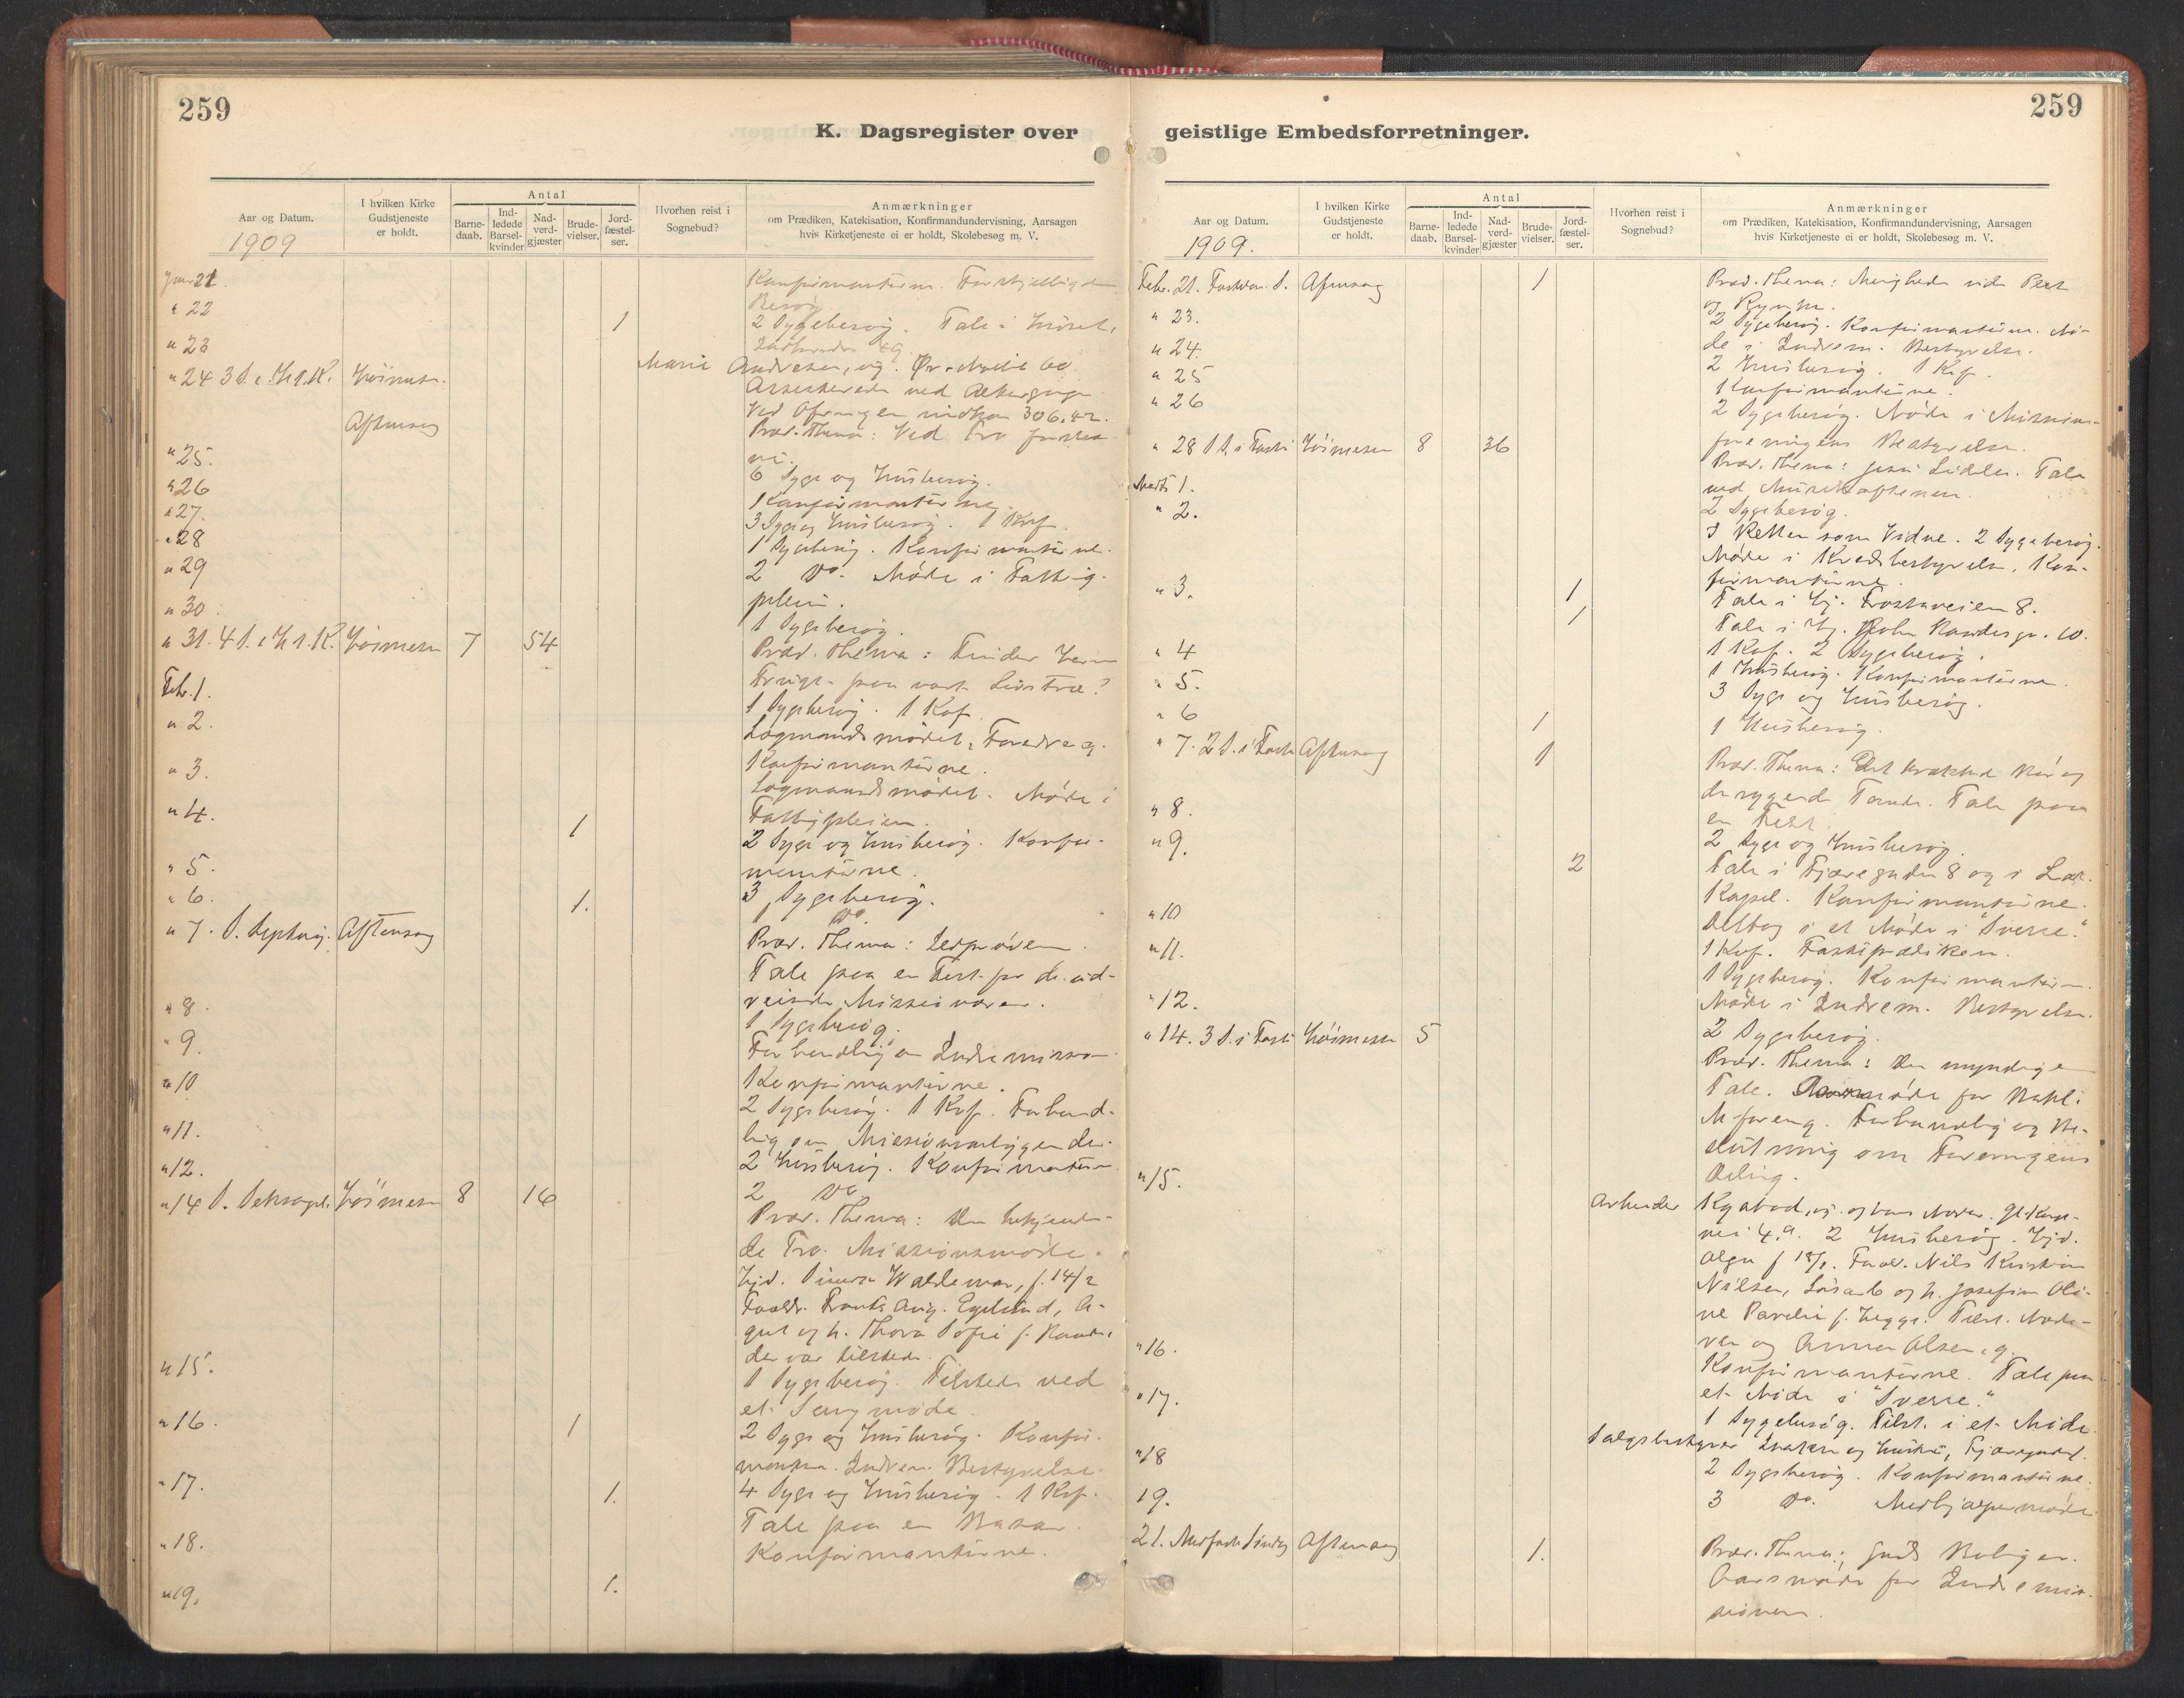 SAT, Ministerialprotokoller, klokkerbøker og fødselsregistre - Sør-Trøndelag, 605/L0244: Ministerialbok nr. 605A06, 1908-1954, s. 259